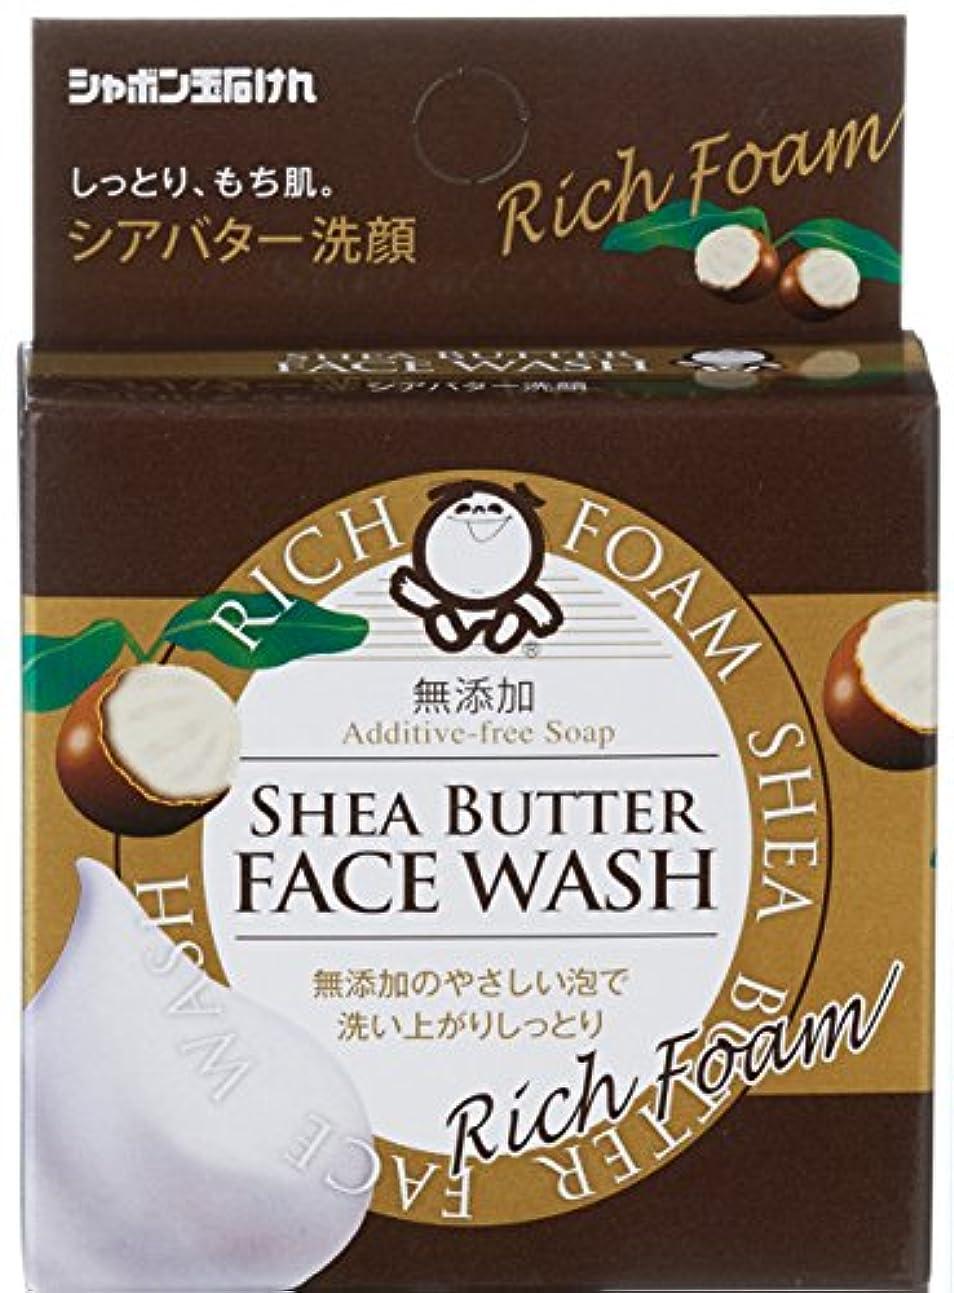 ペグ賢い設計図シャボン玉 シアバター洗顔 60g